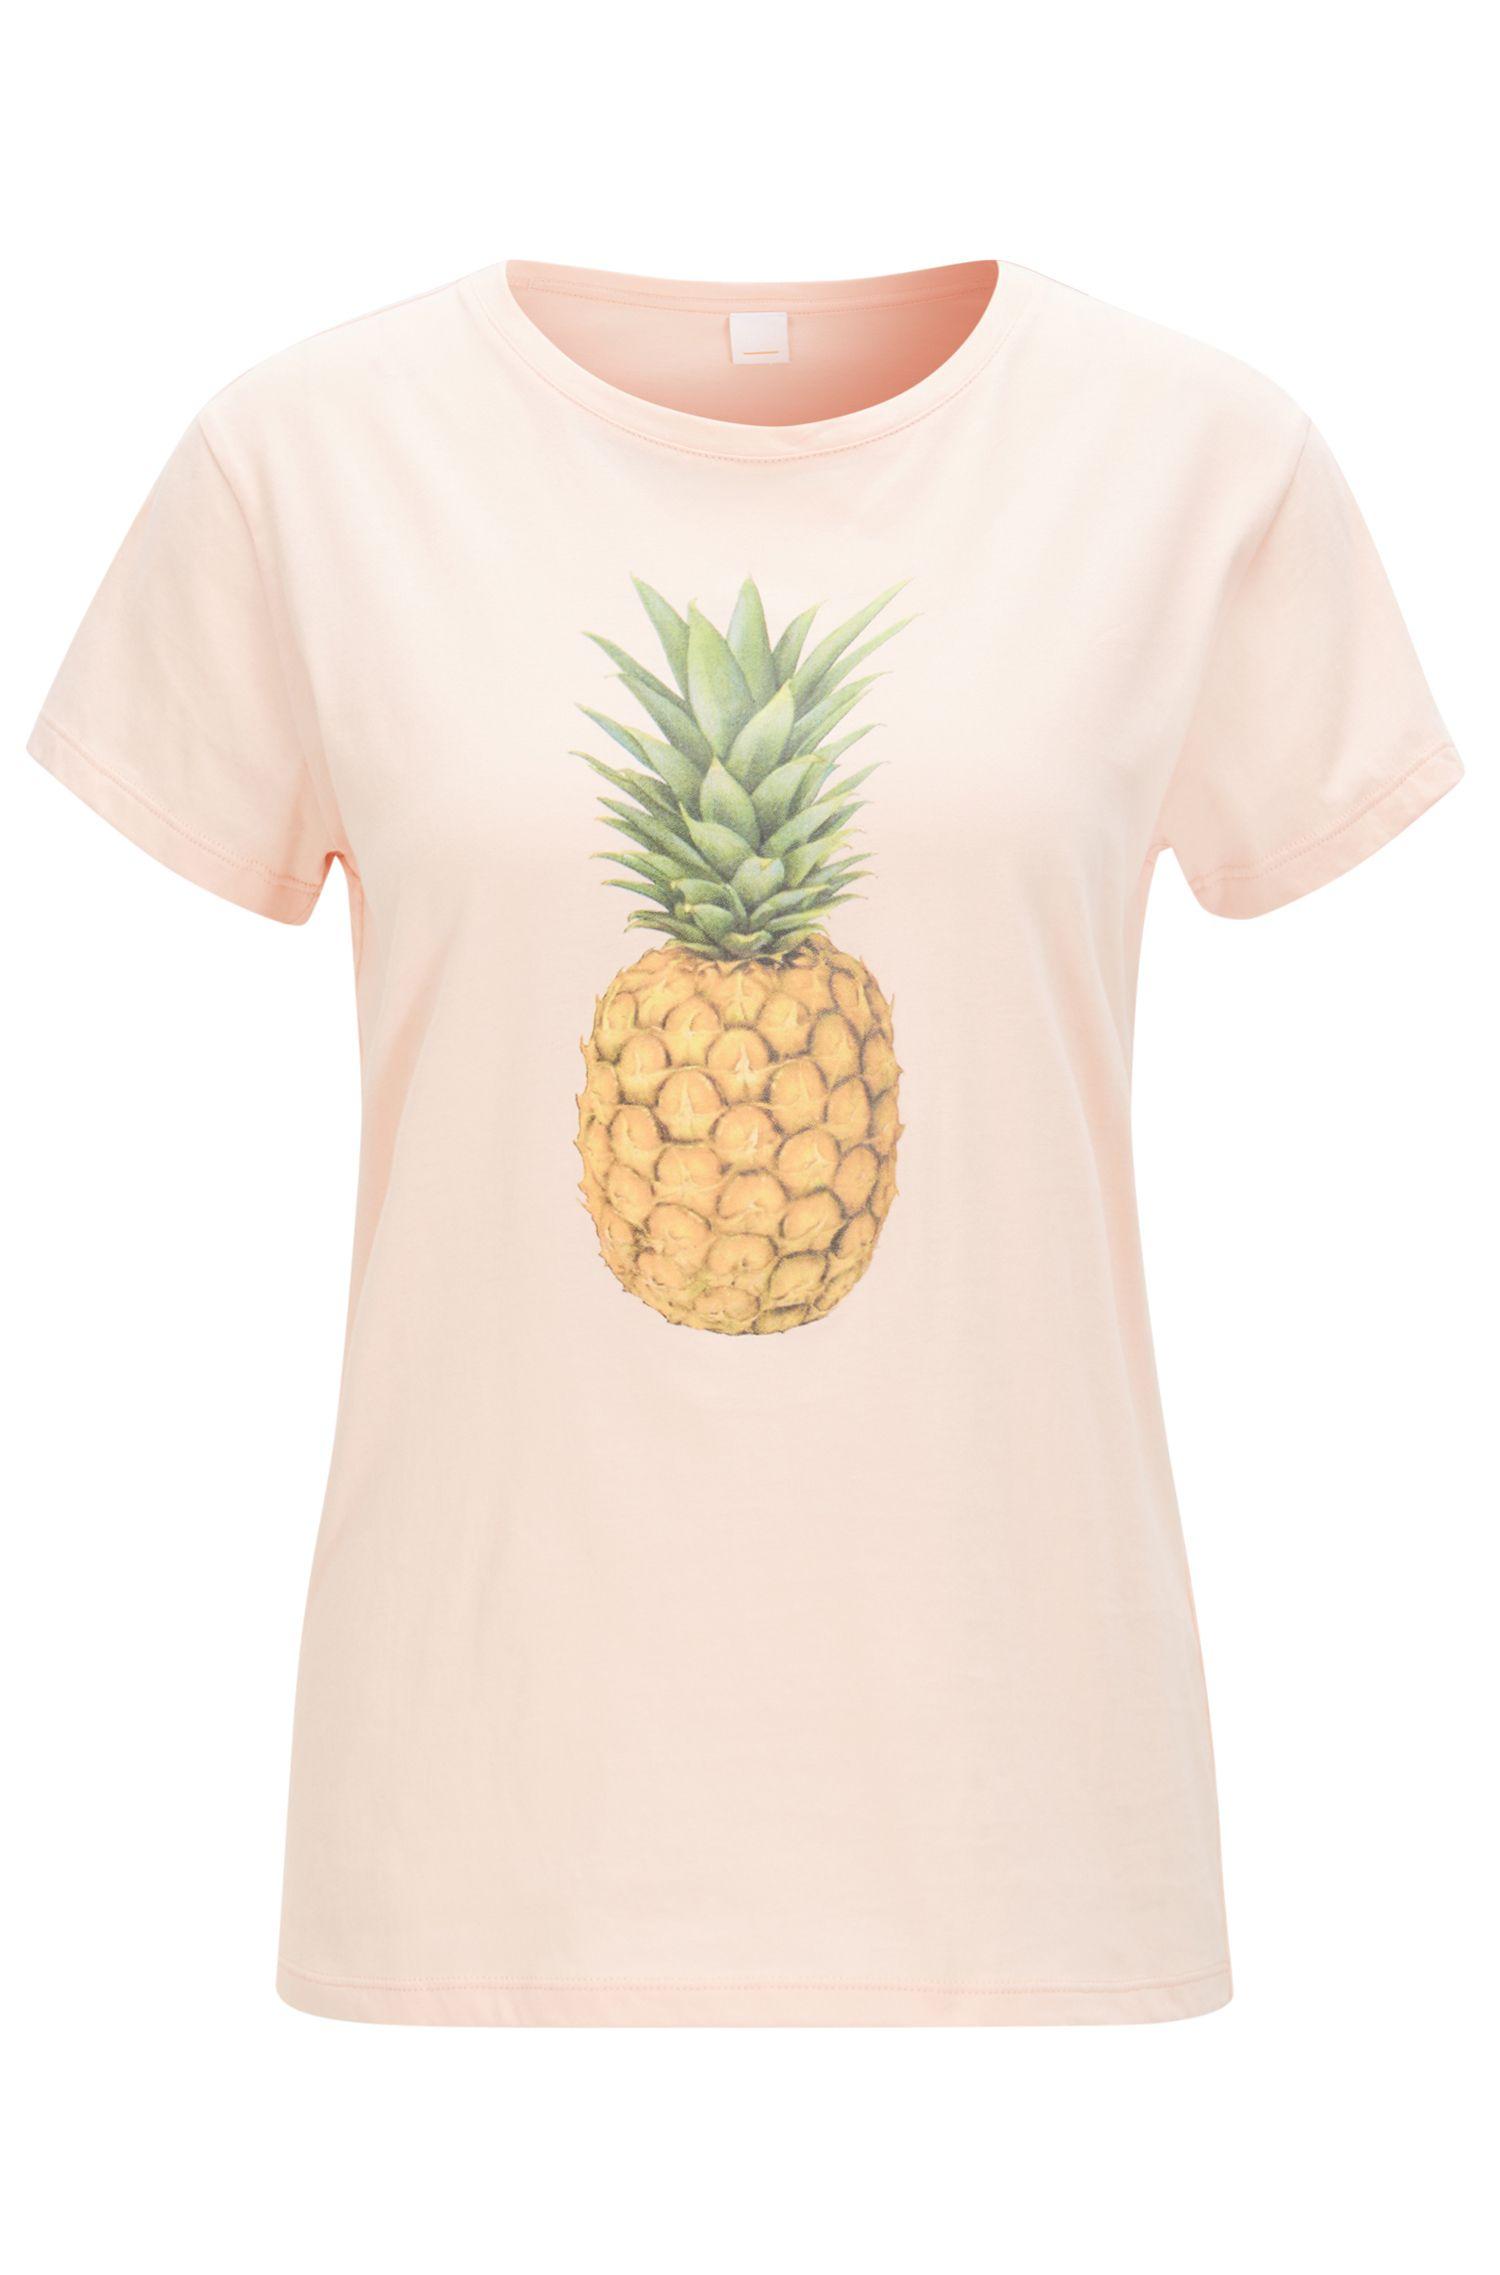 T-shirt van katoenen jersey met ananasprint